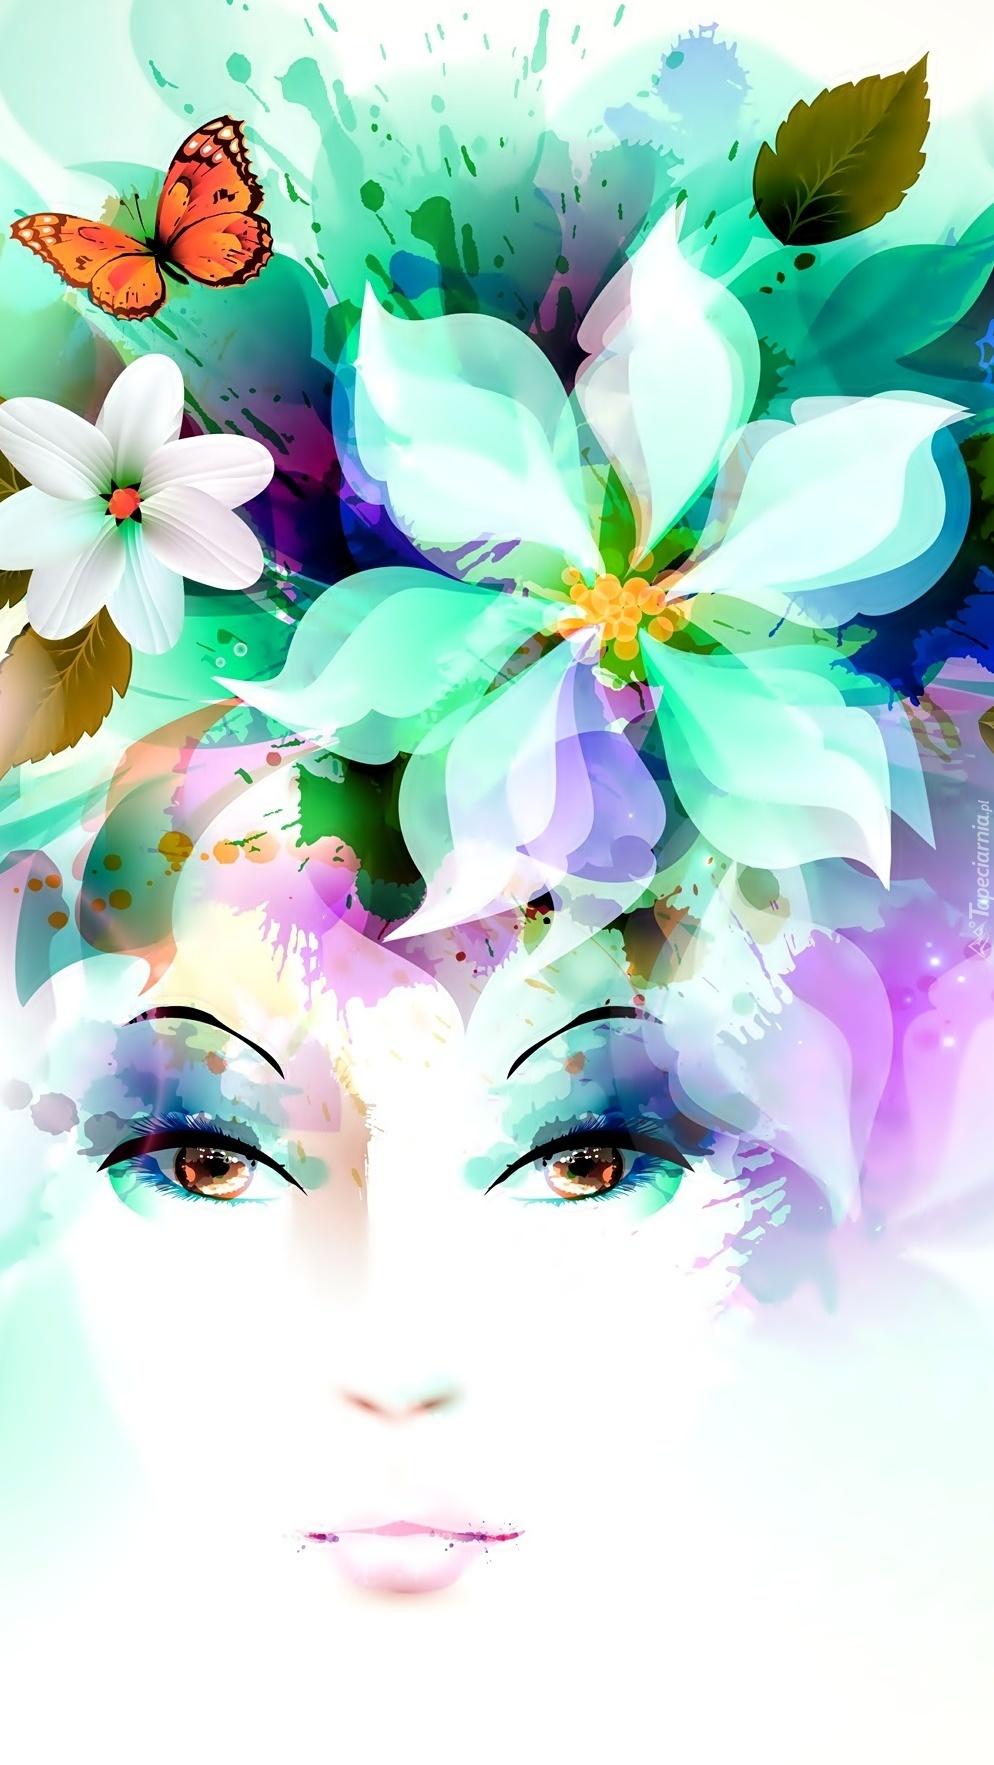 Kwiaty i twarz kobiety w grafice